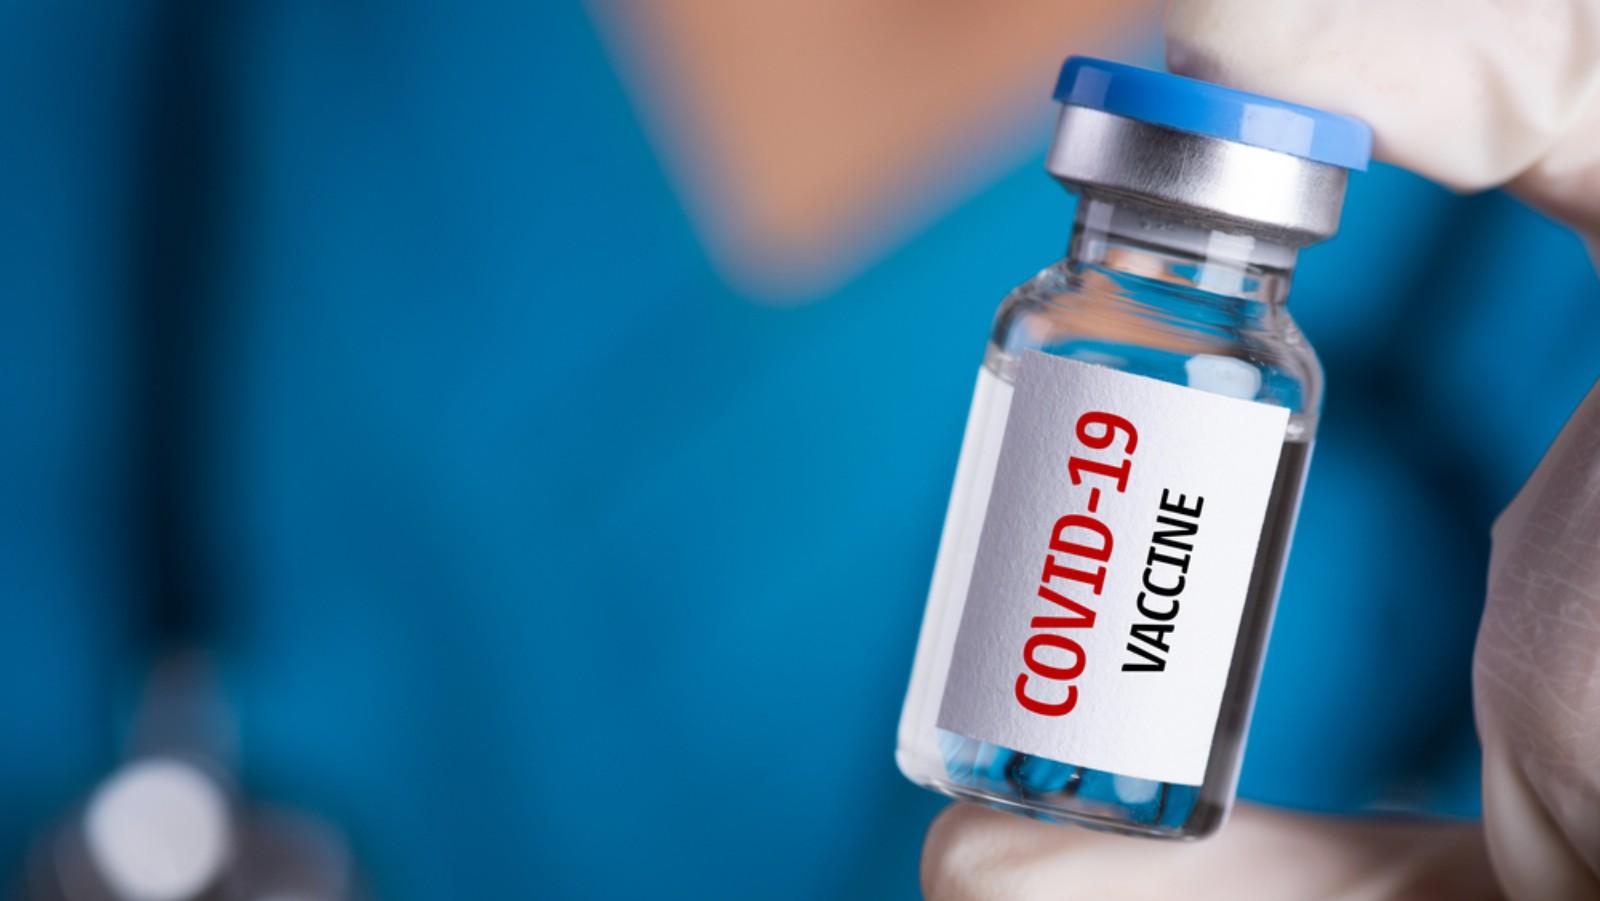 Októberben kezdik a COVID-19 vakcina tesztelését embereken Izraelben